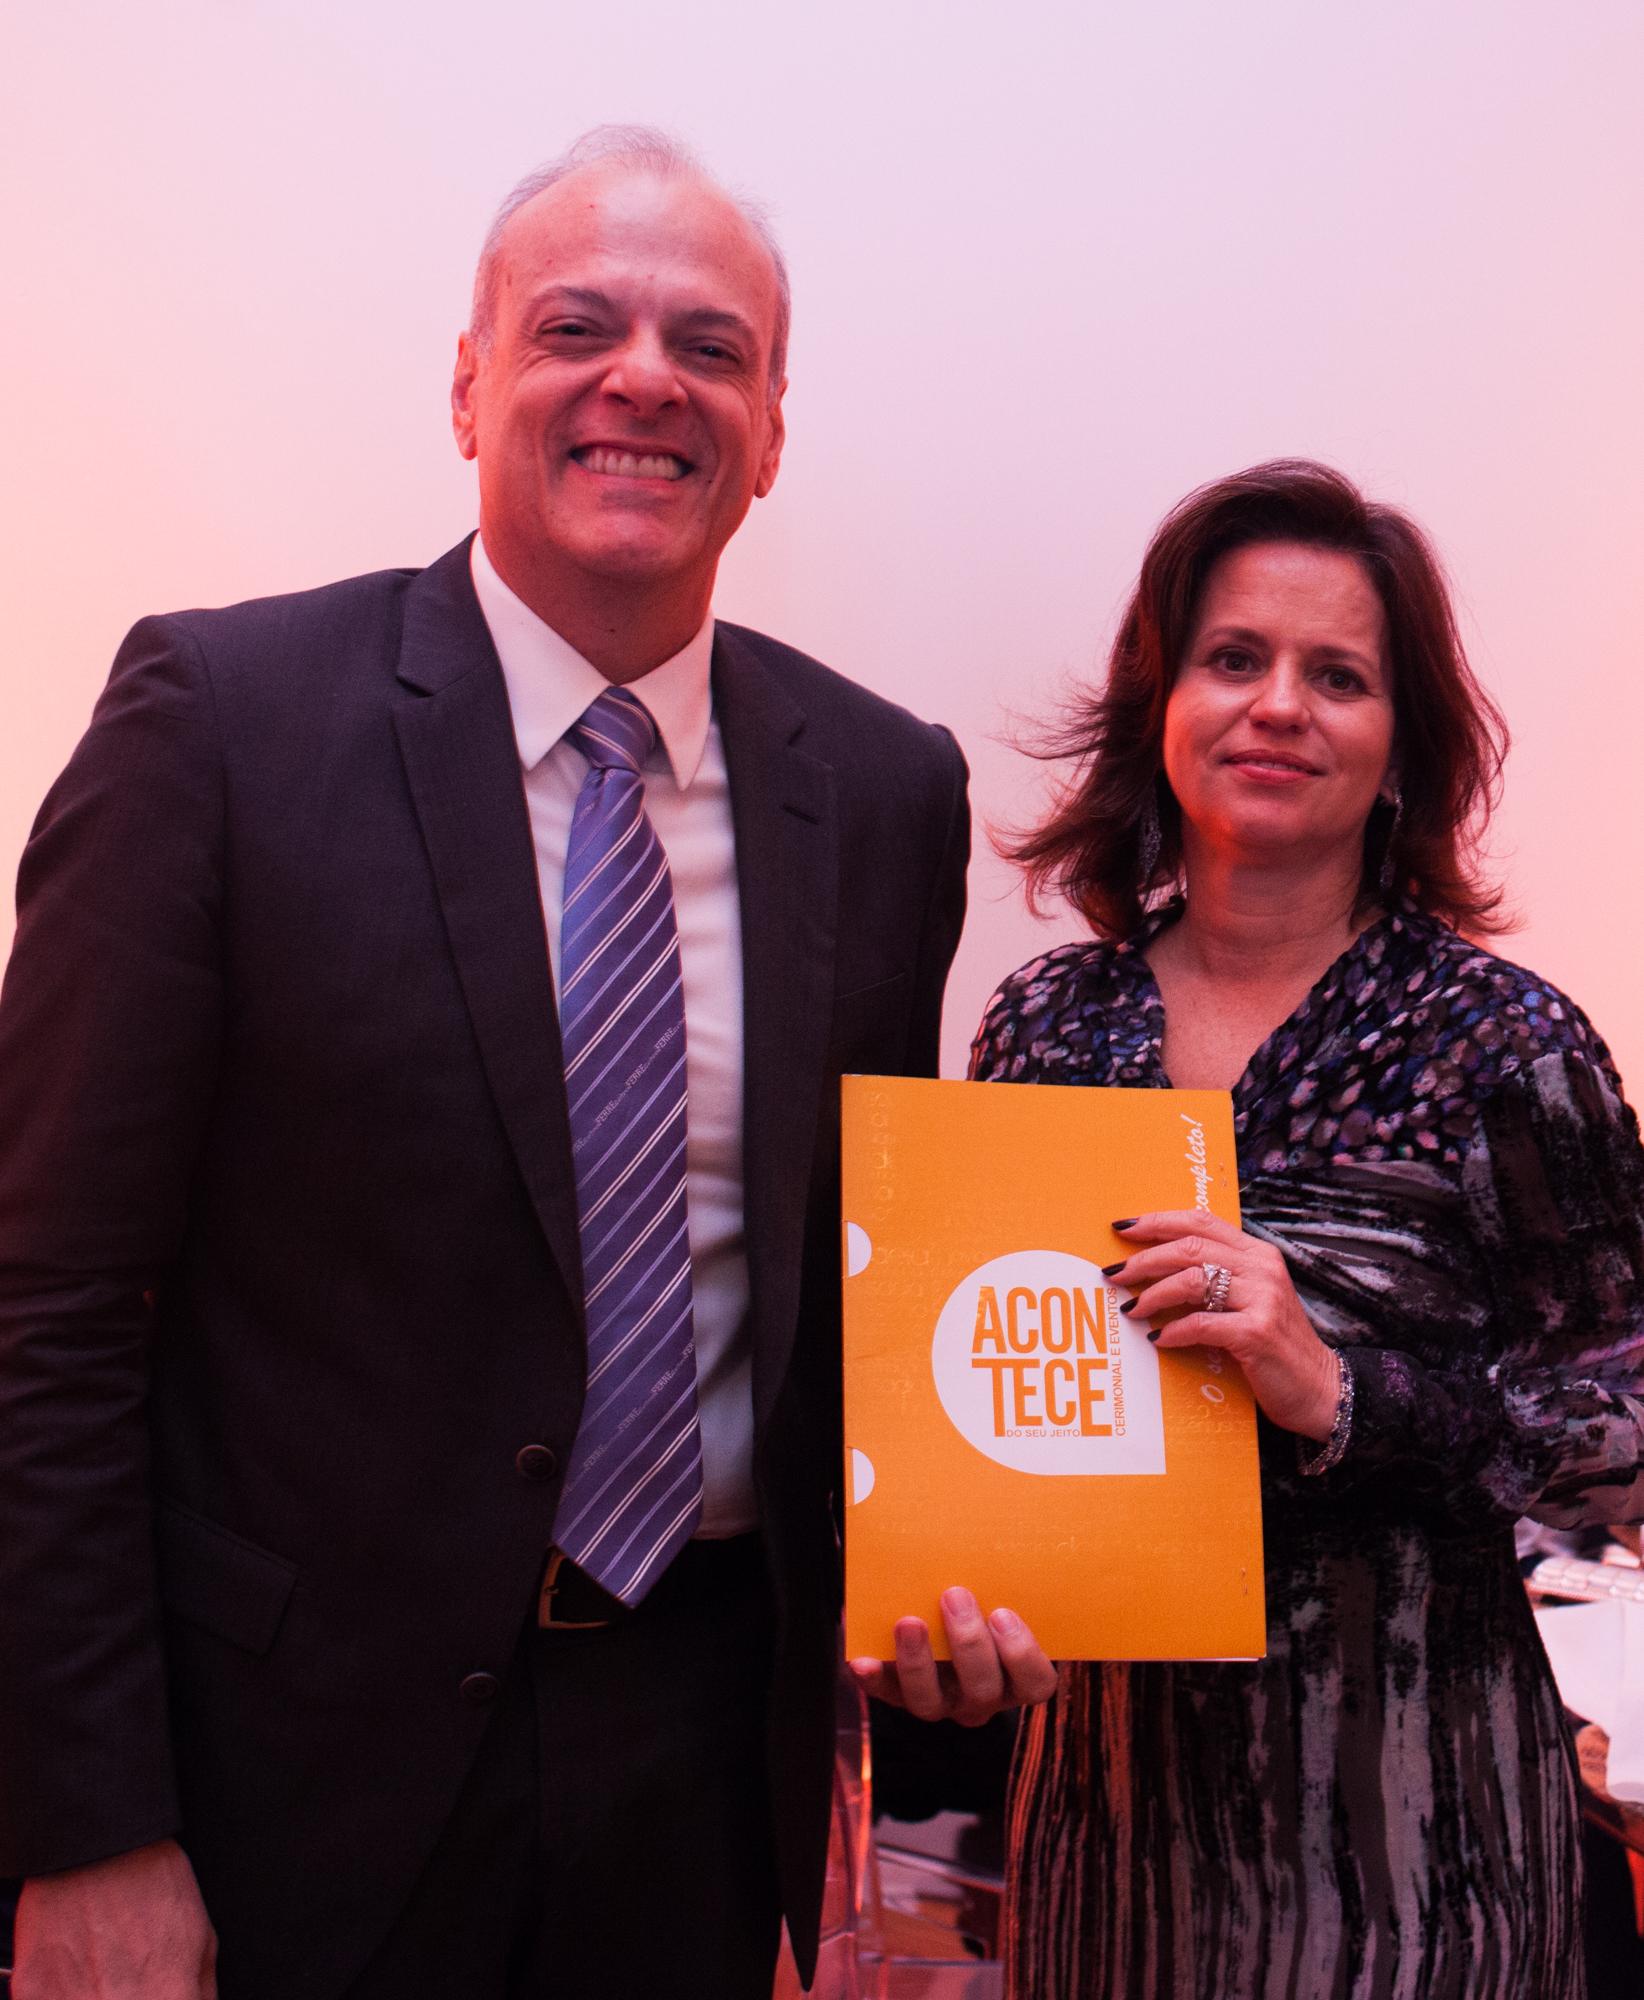 Acontece Cerimonial e Eventos BrazilFoundation Belo Horizonte Minas Gerais